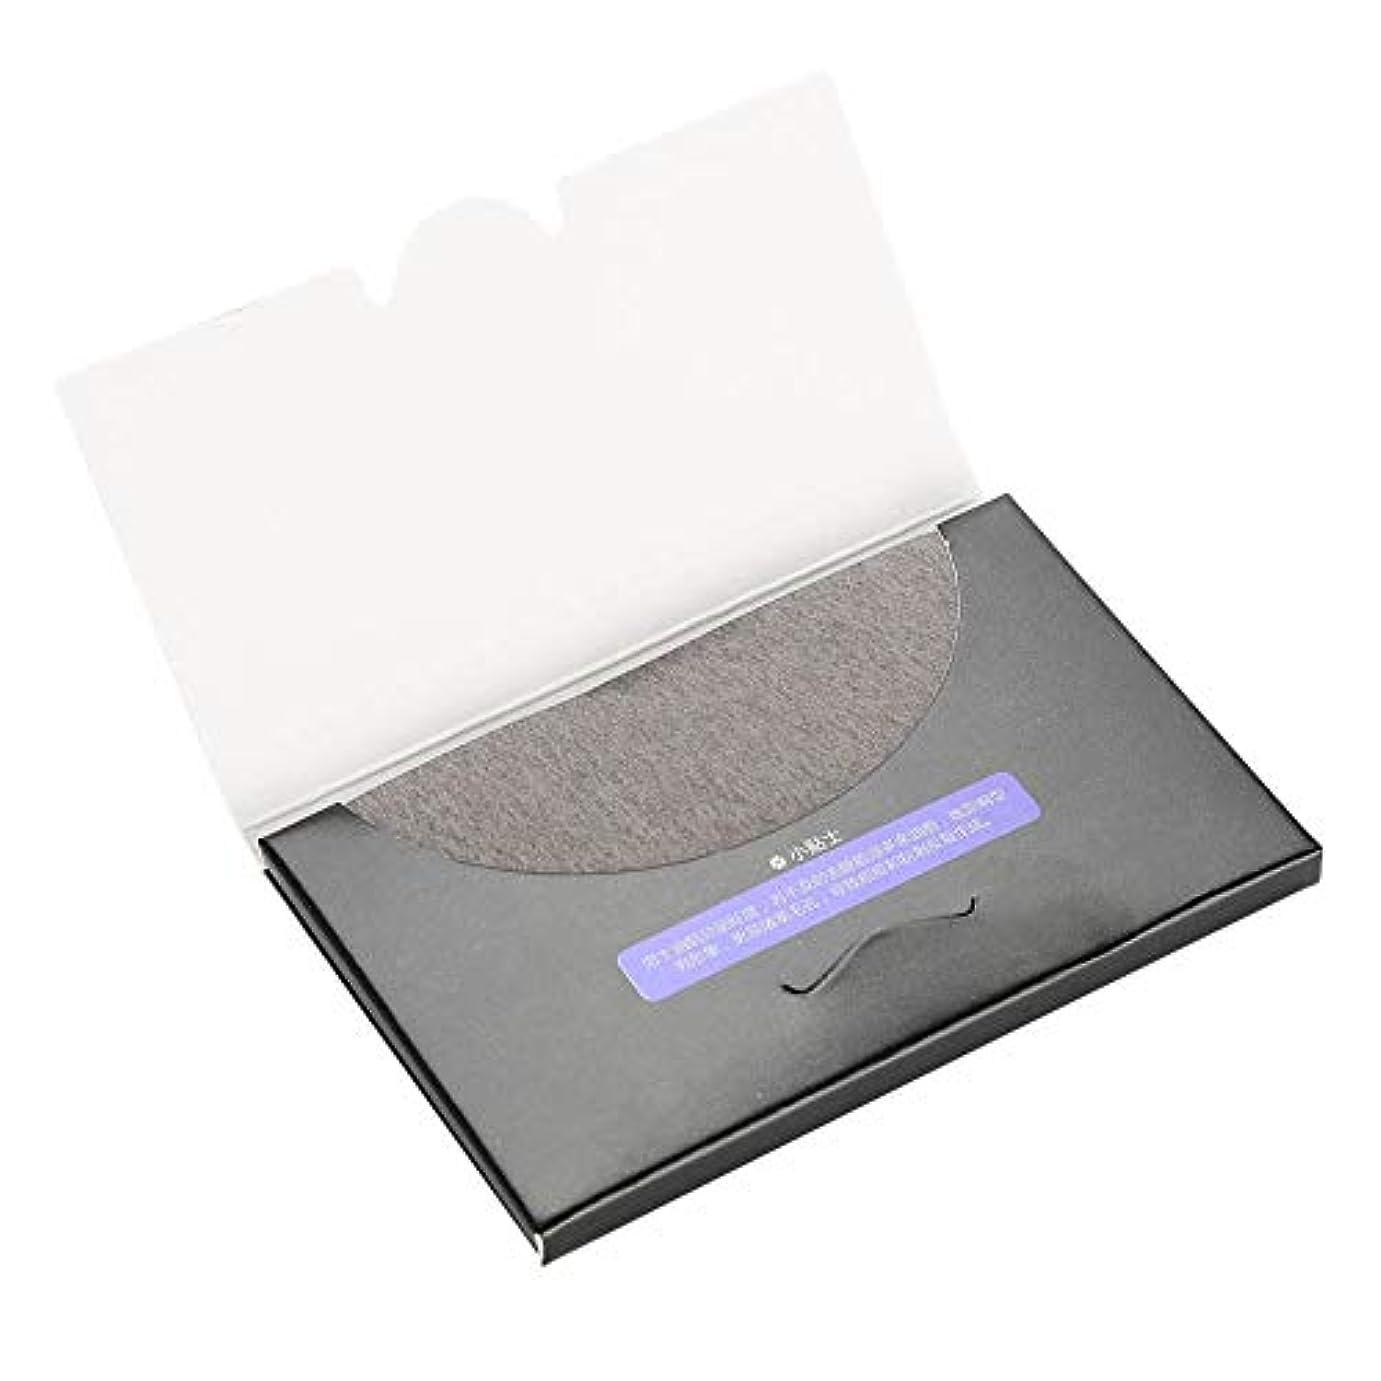 パンツ完全に乾く添加剤80枚/袋吸油布 - 化粧フィルムのクリーニング、吸い取り紙の消去 - きれいな吸い取り紙